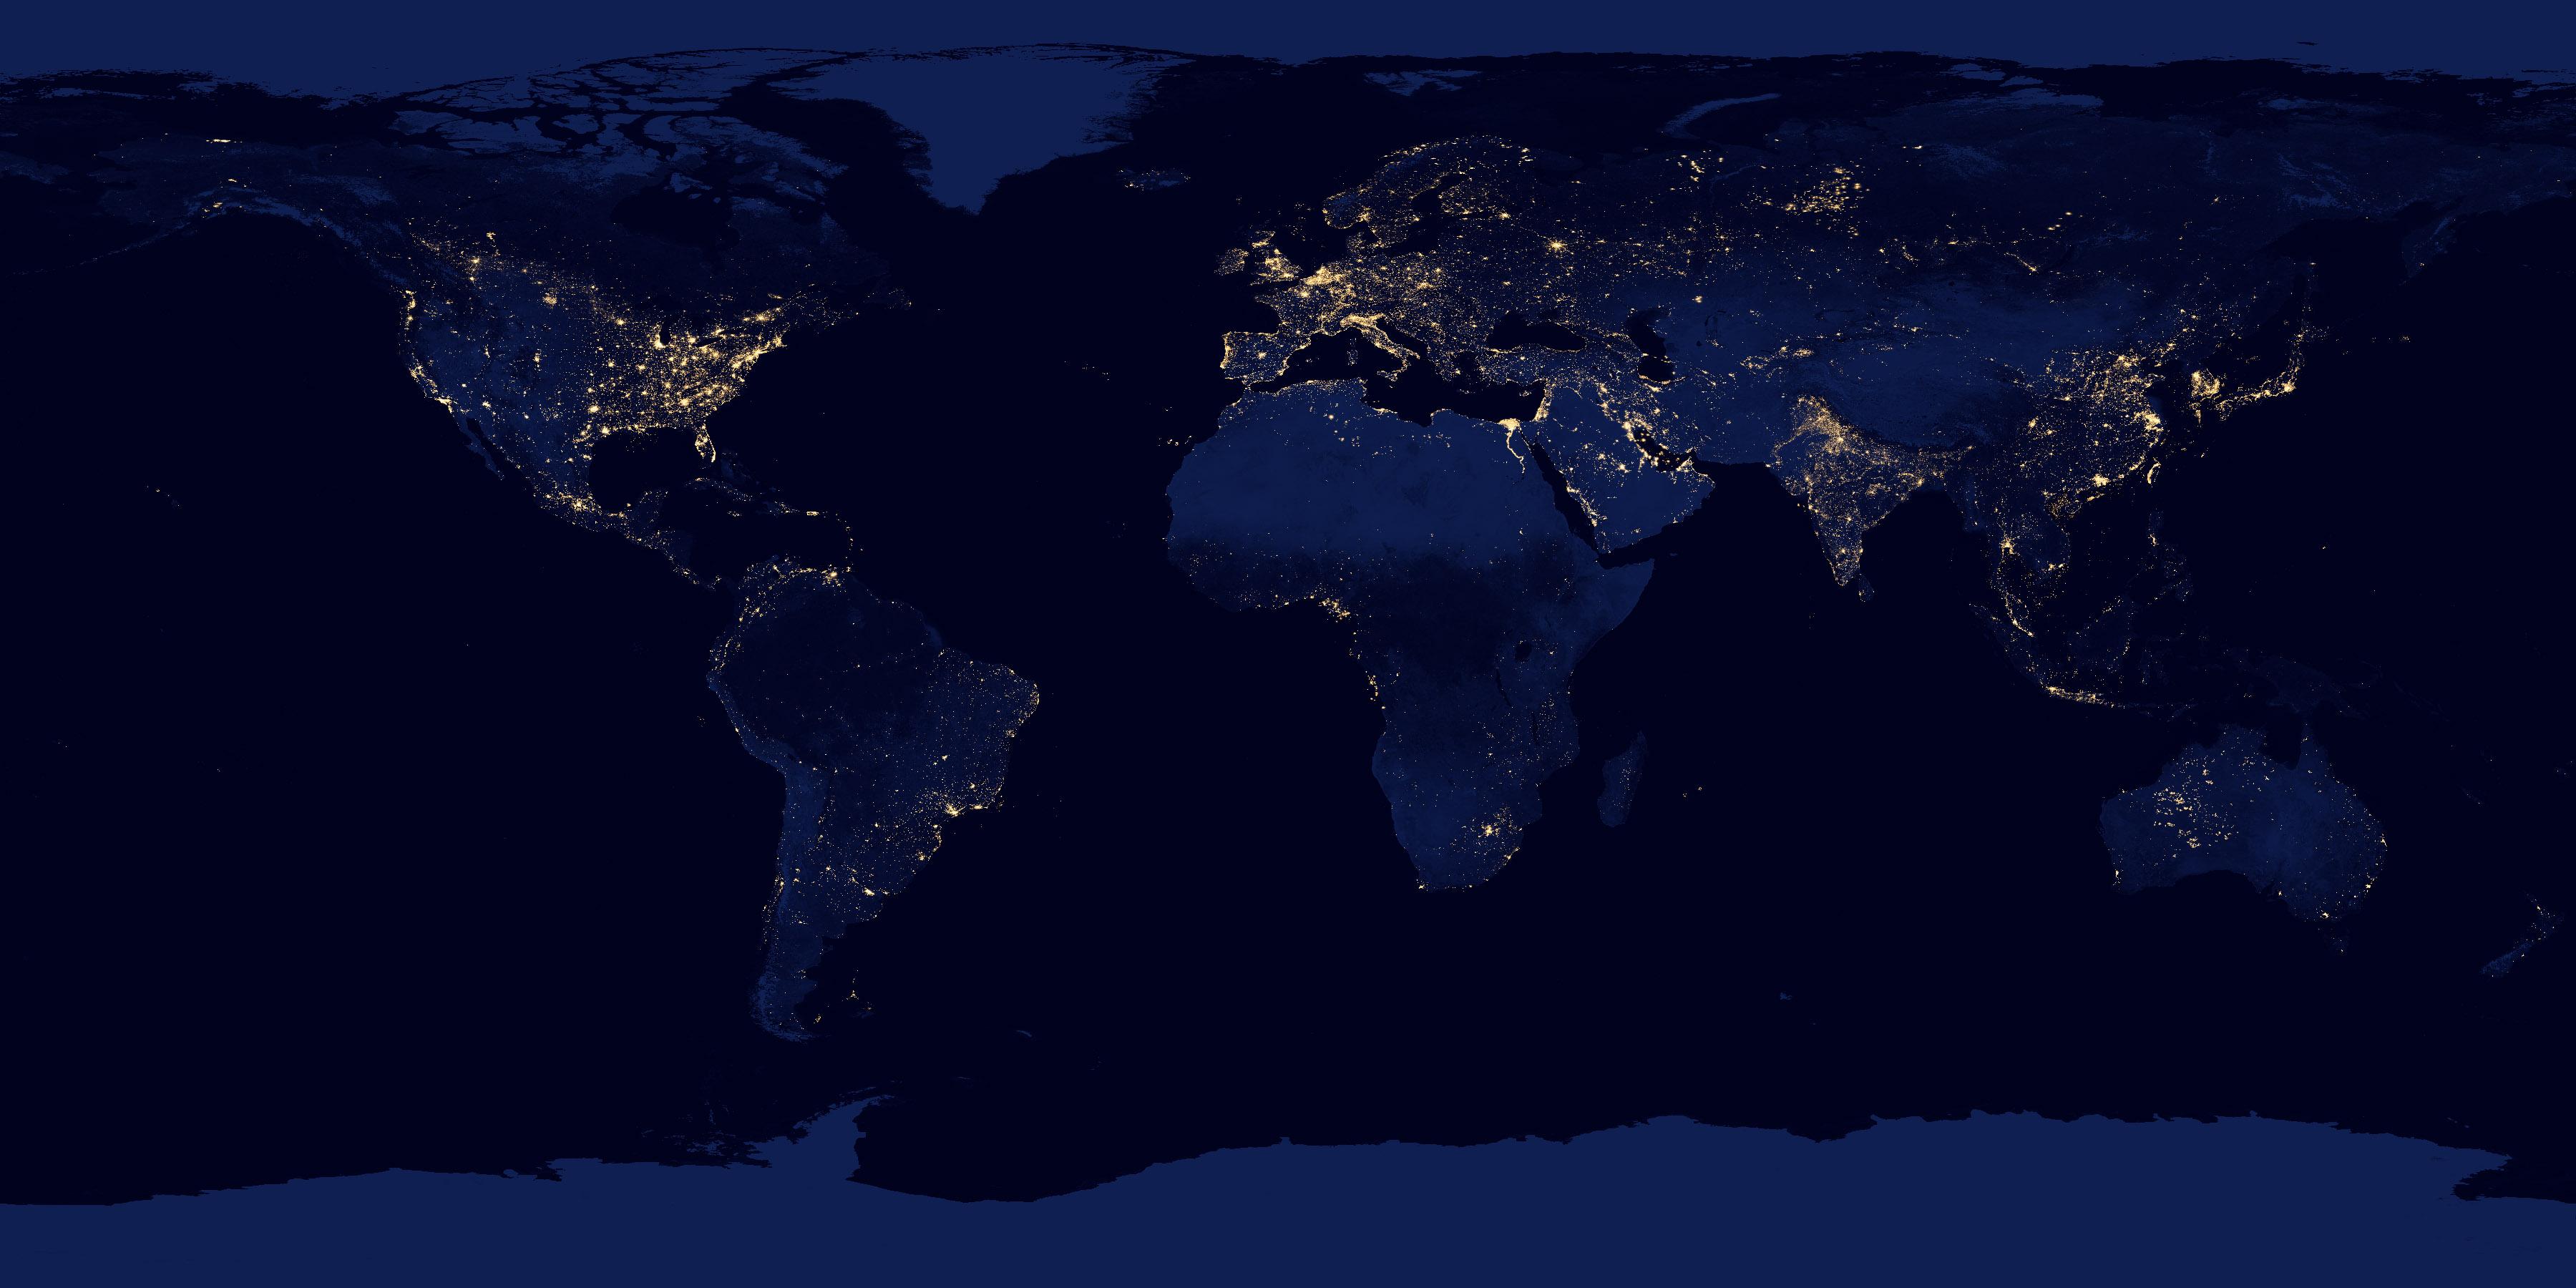 La Tierra De Noche Imagen Astronomía Diaria Observatorio